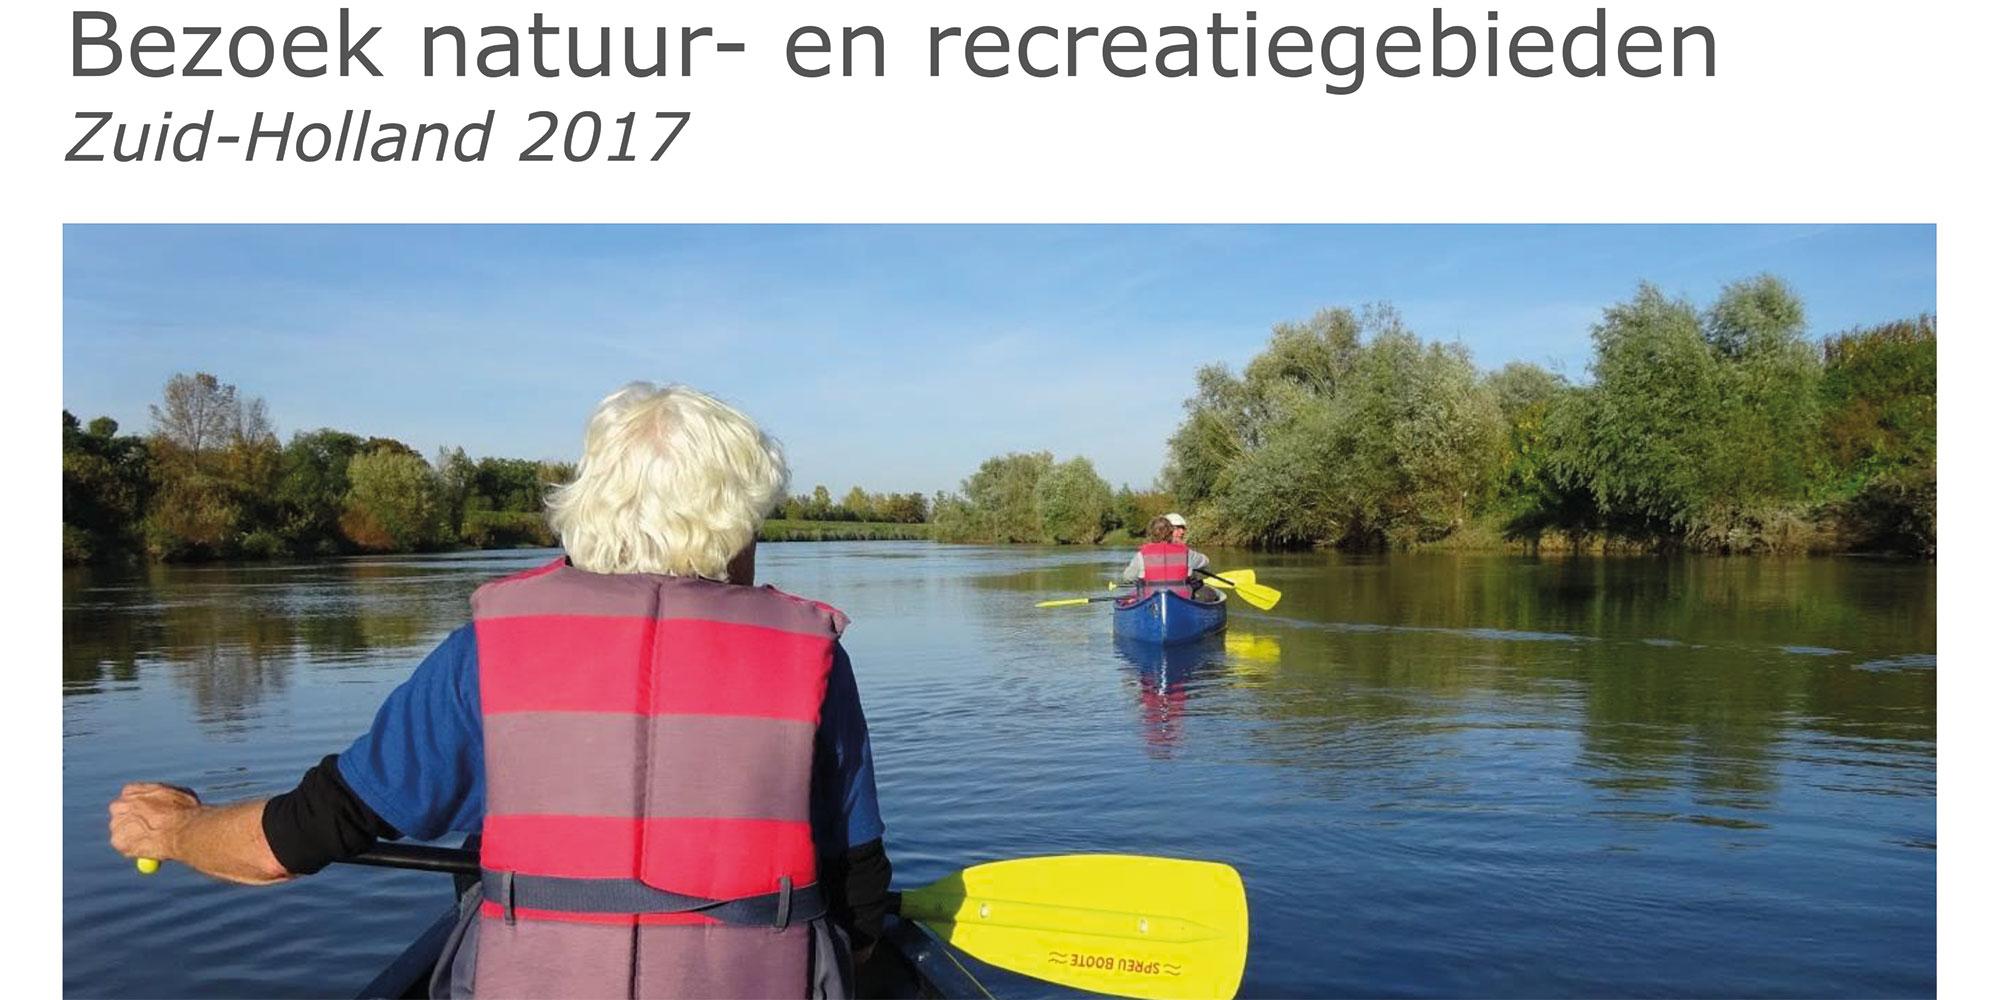 http://bezoek-natuur-en-recreatiegebieden-zuid-holland-2017-1